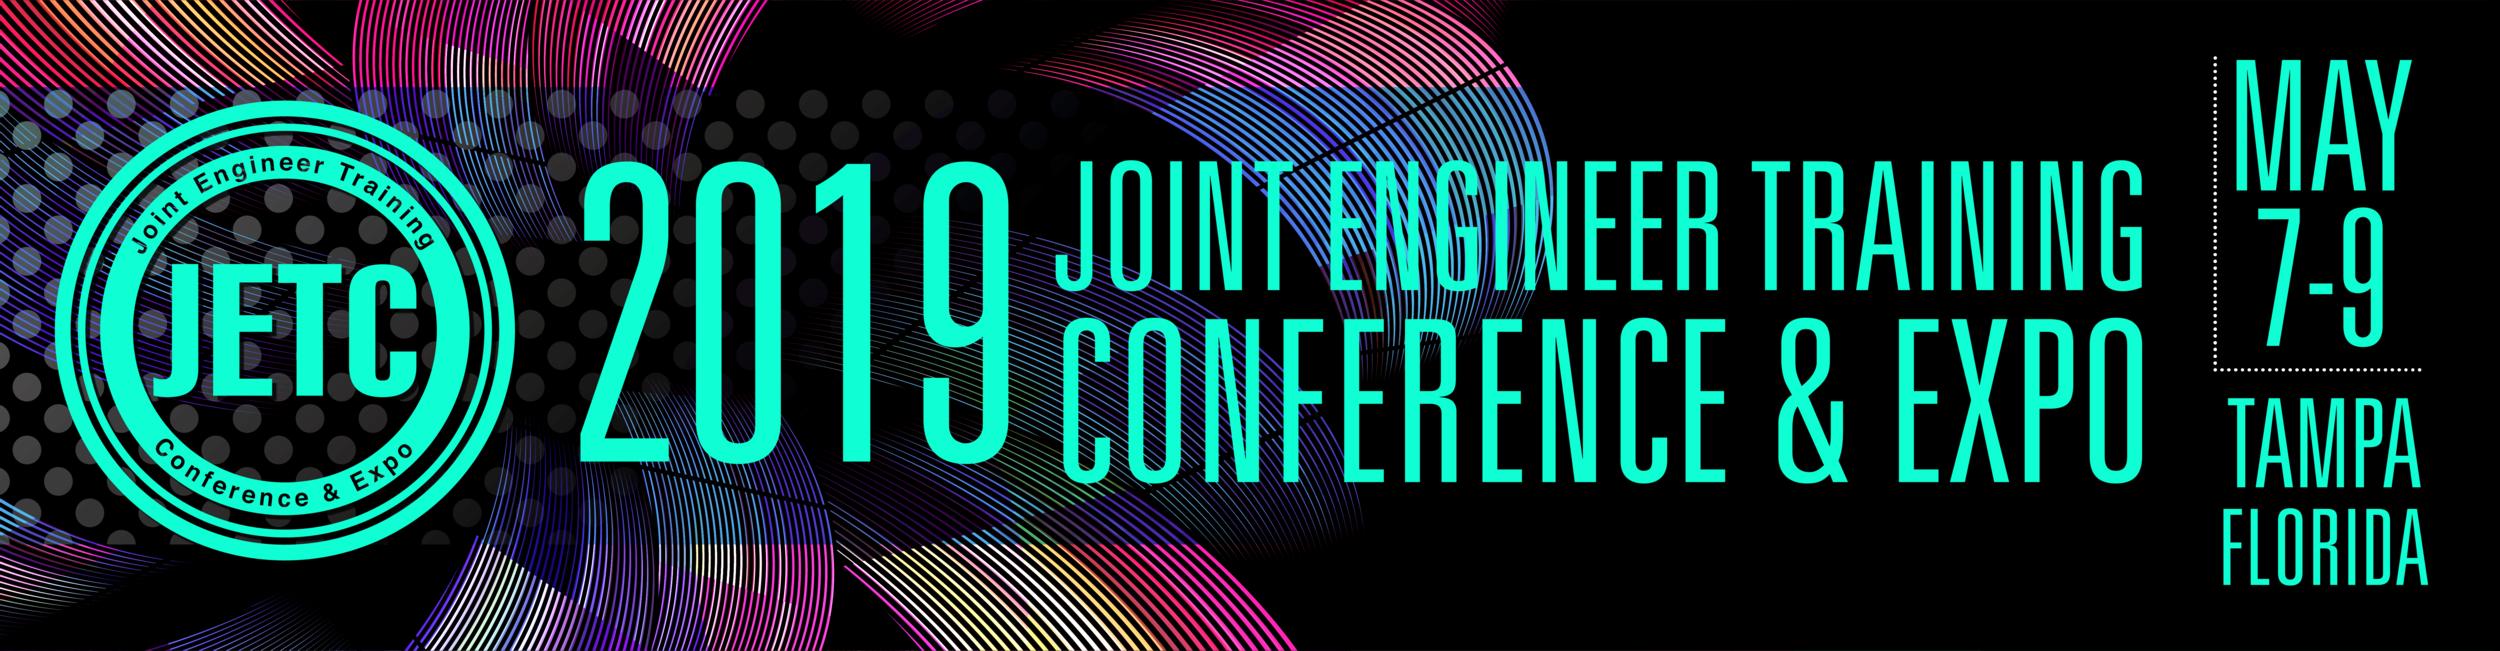 2019 JETC logo_header.png